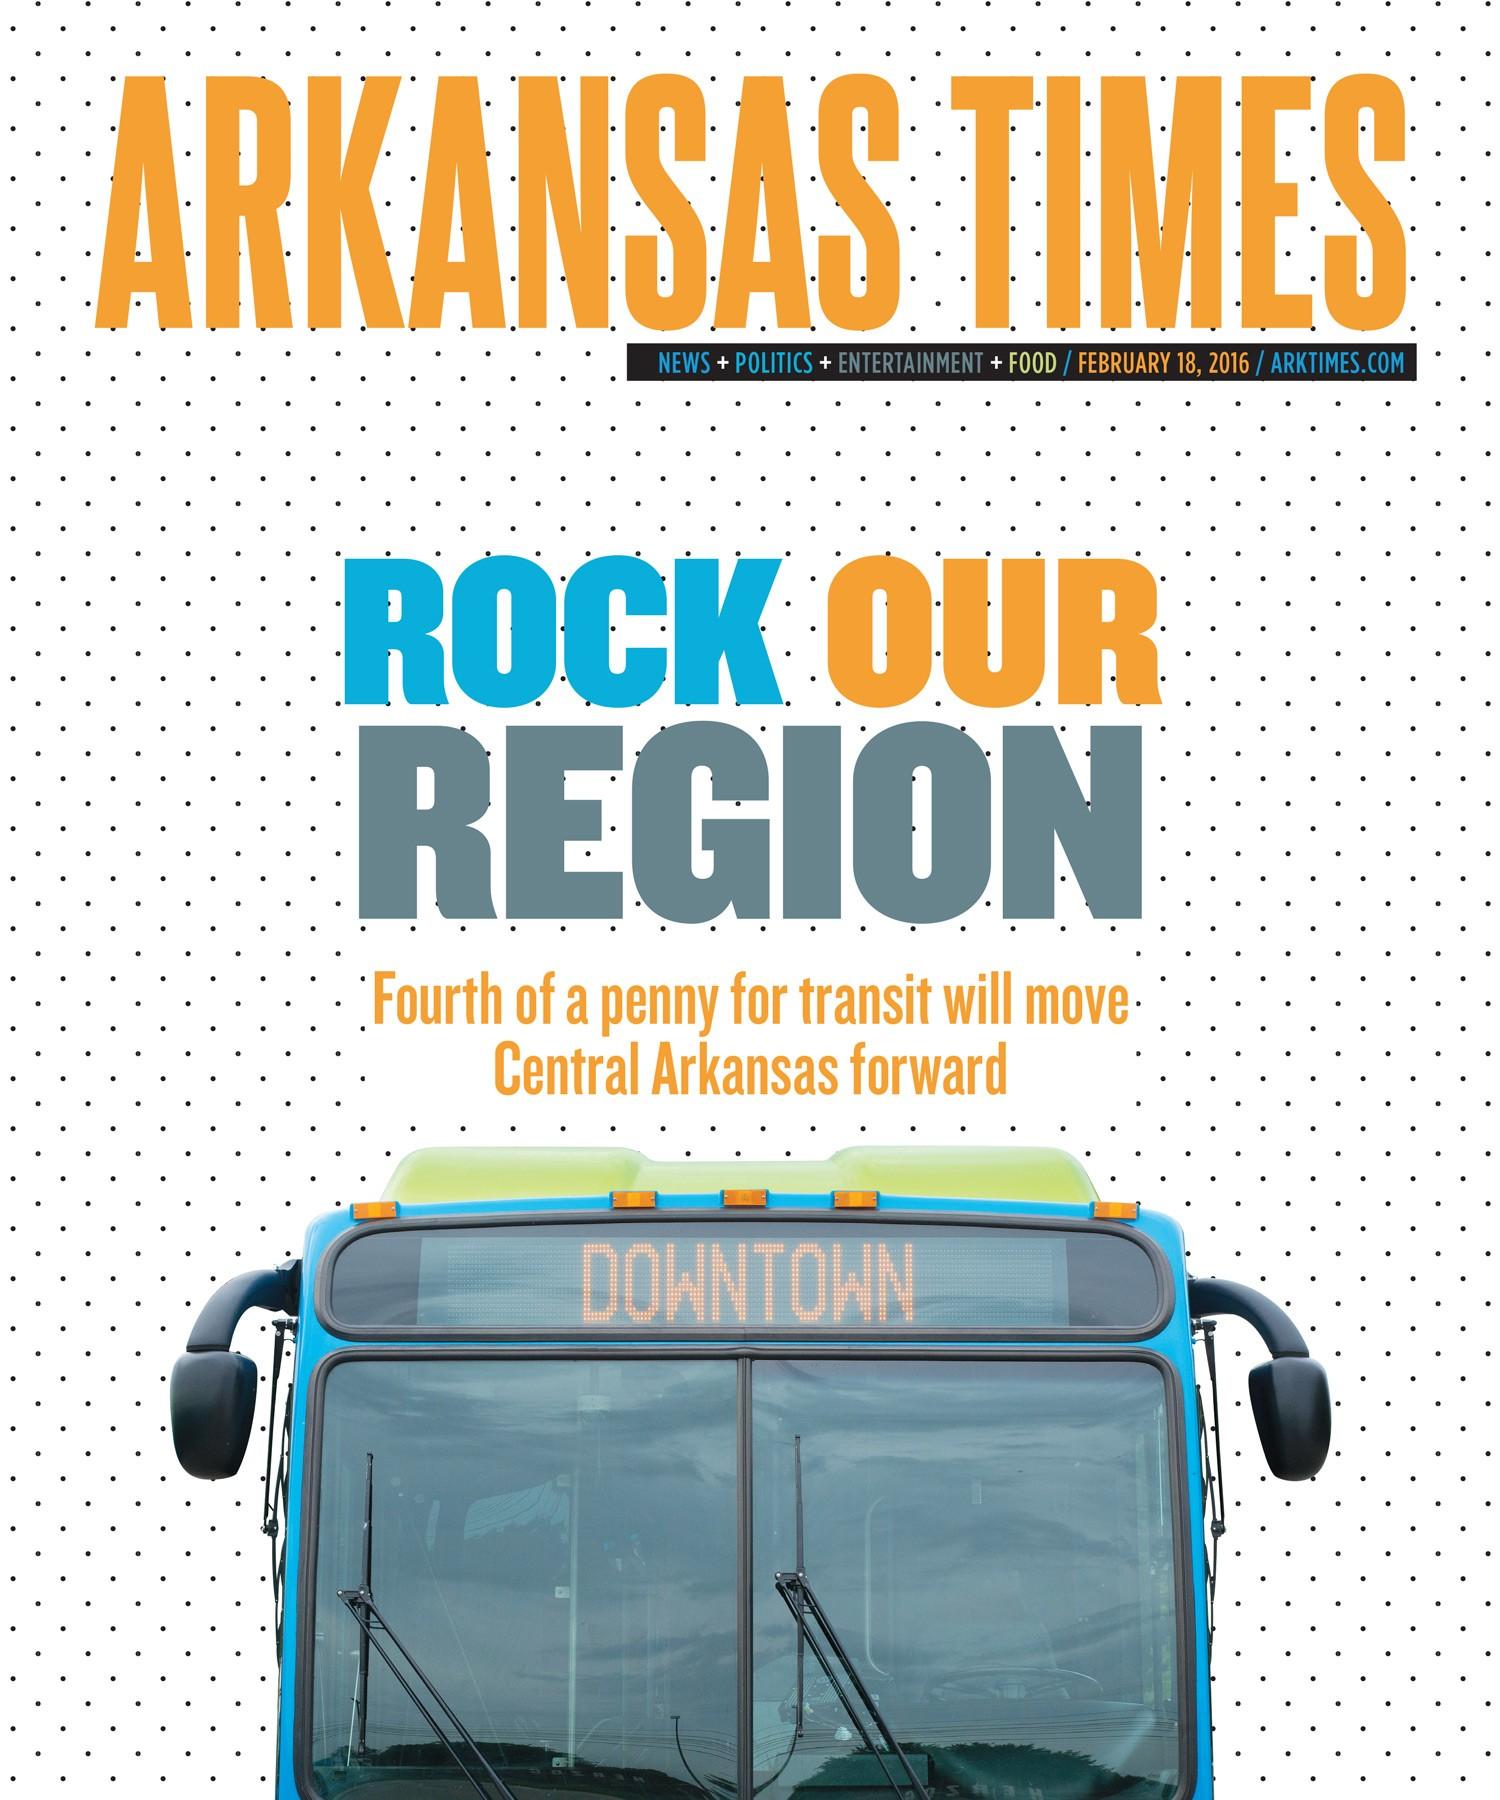 Rock our region